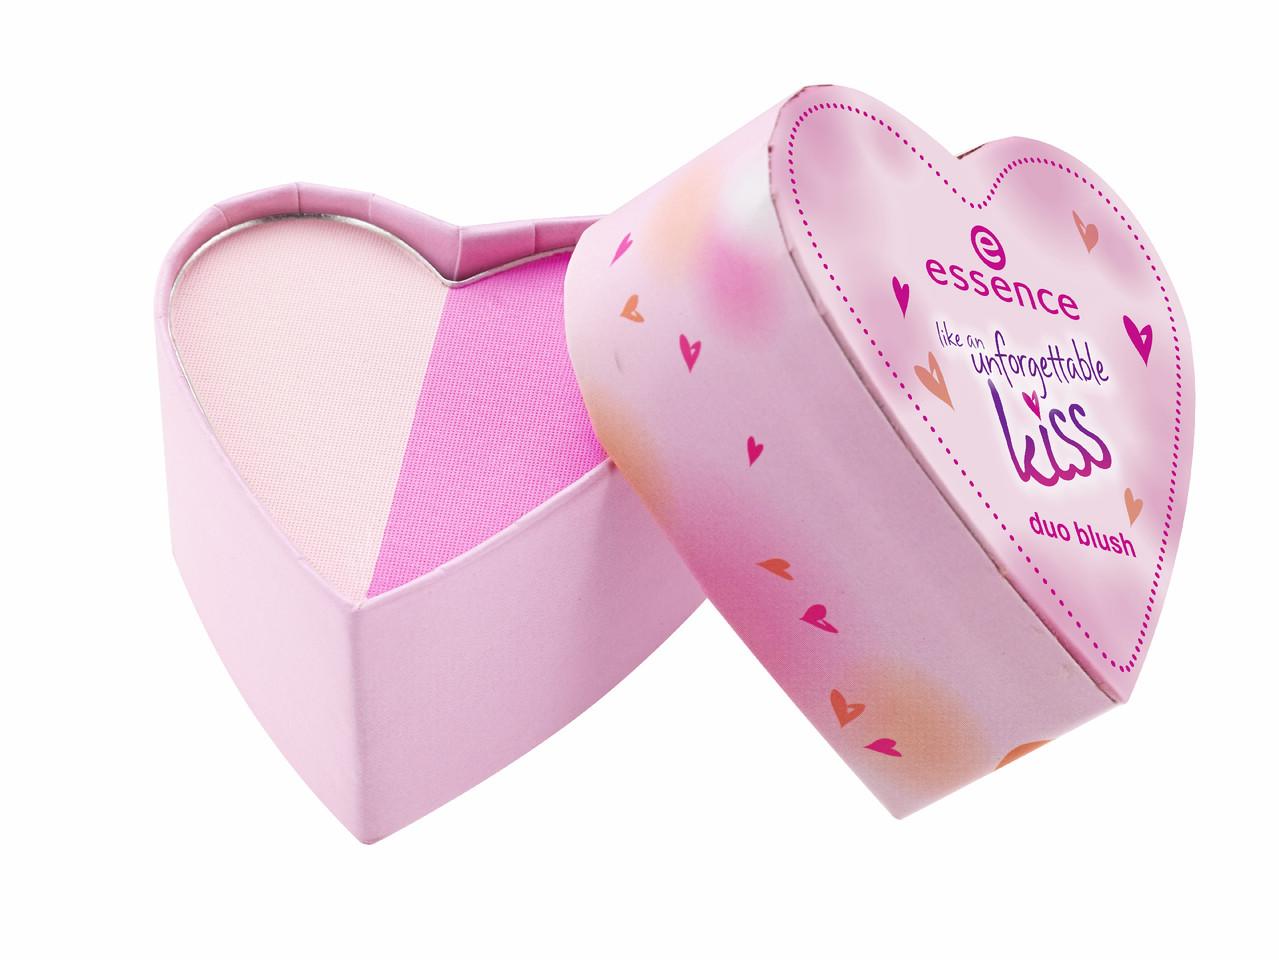 ess_UnforgettableKiss_DuoBlush_02_pink_me.jpg